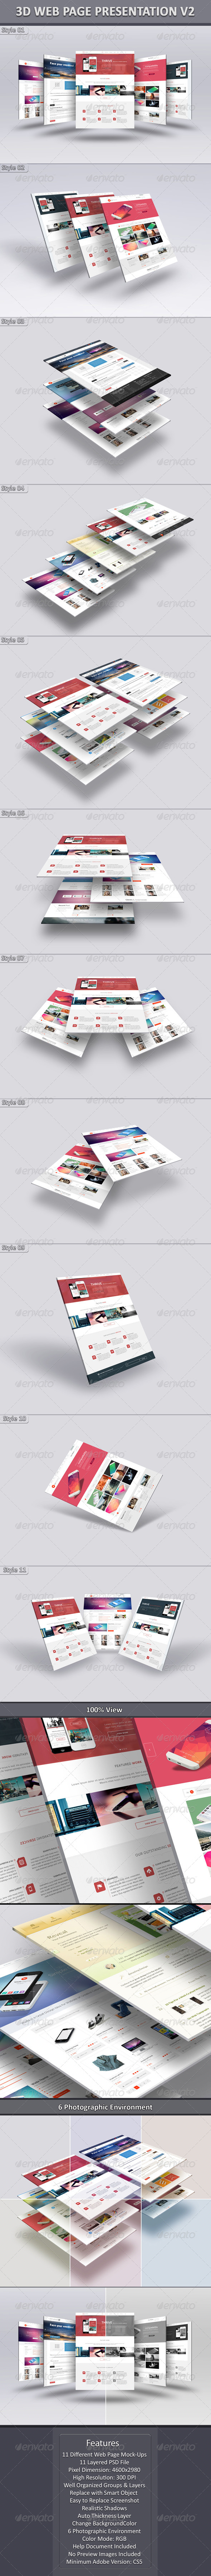 3D Web Page Presentation V2 - Website Displays